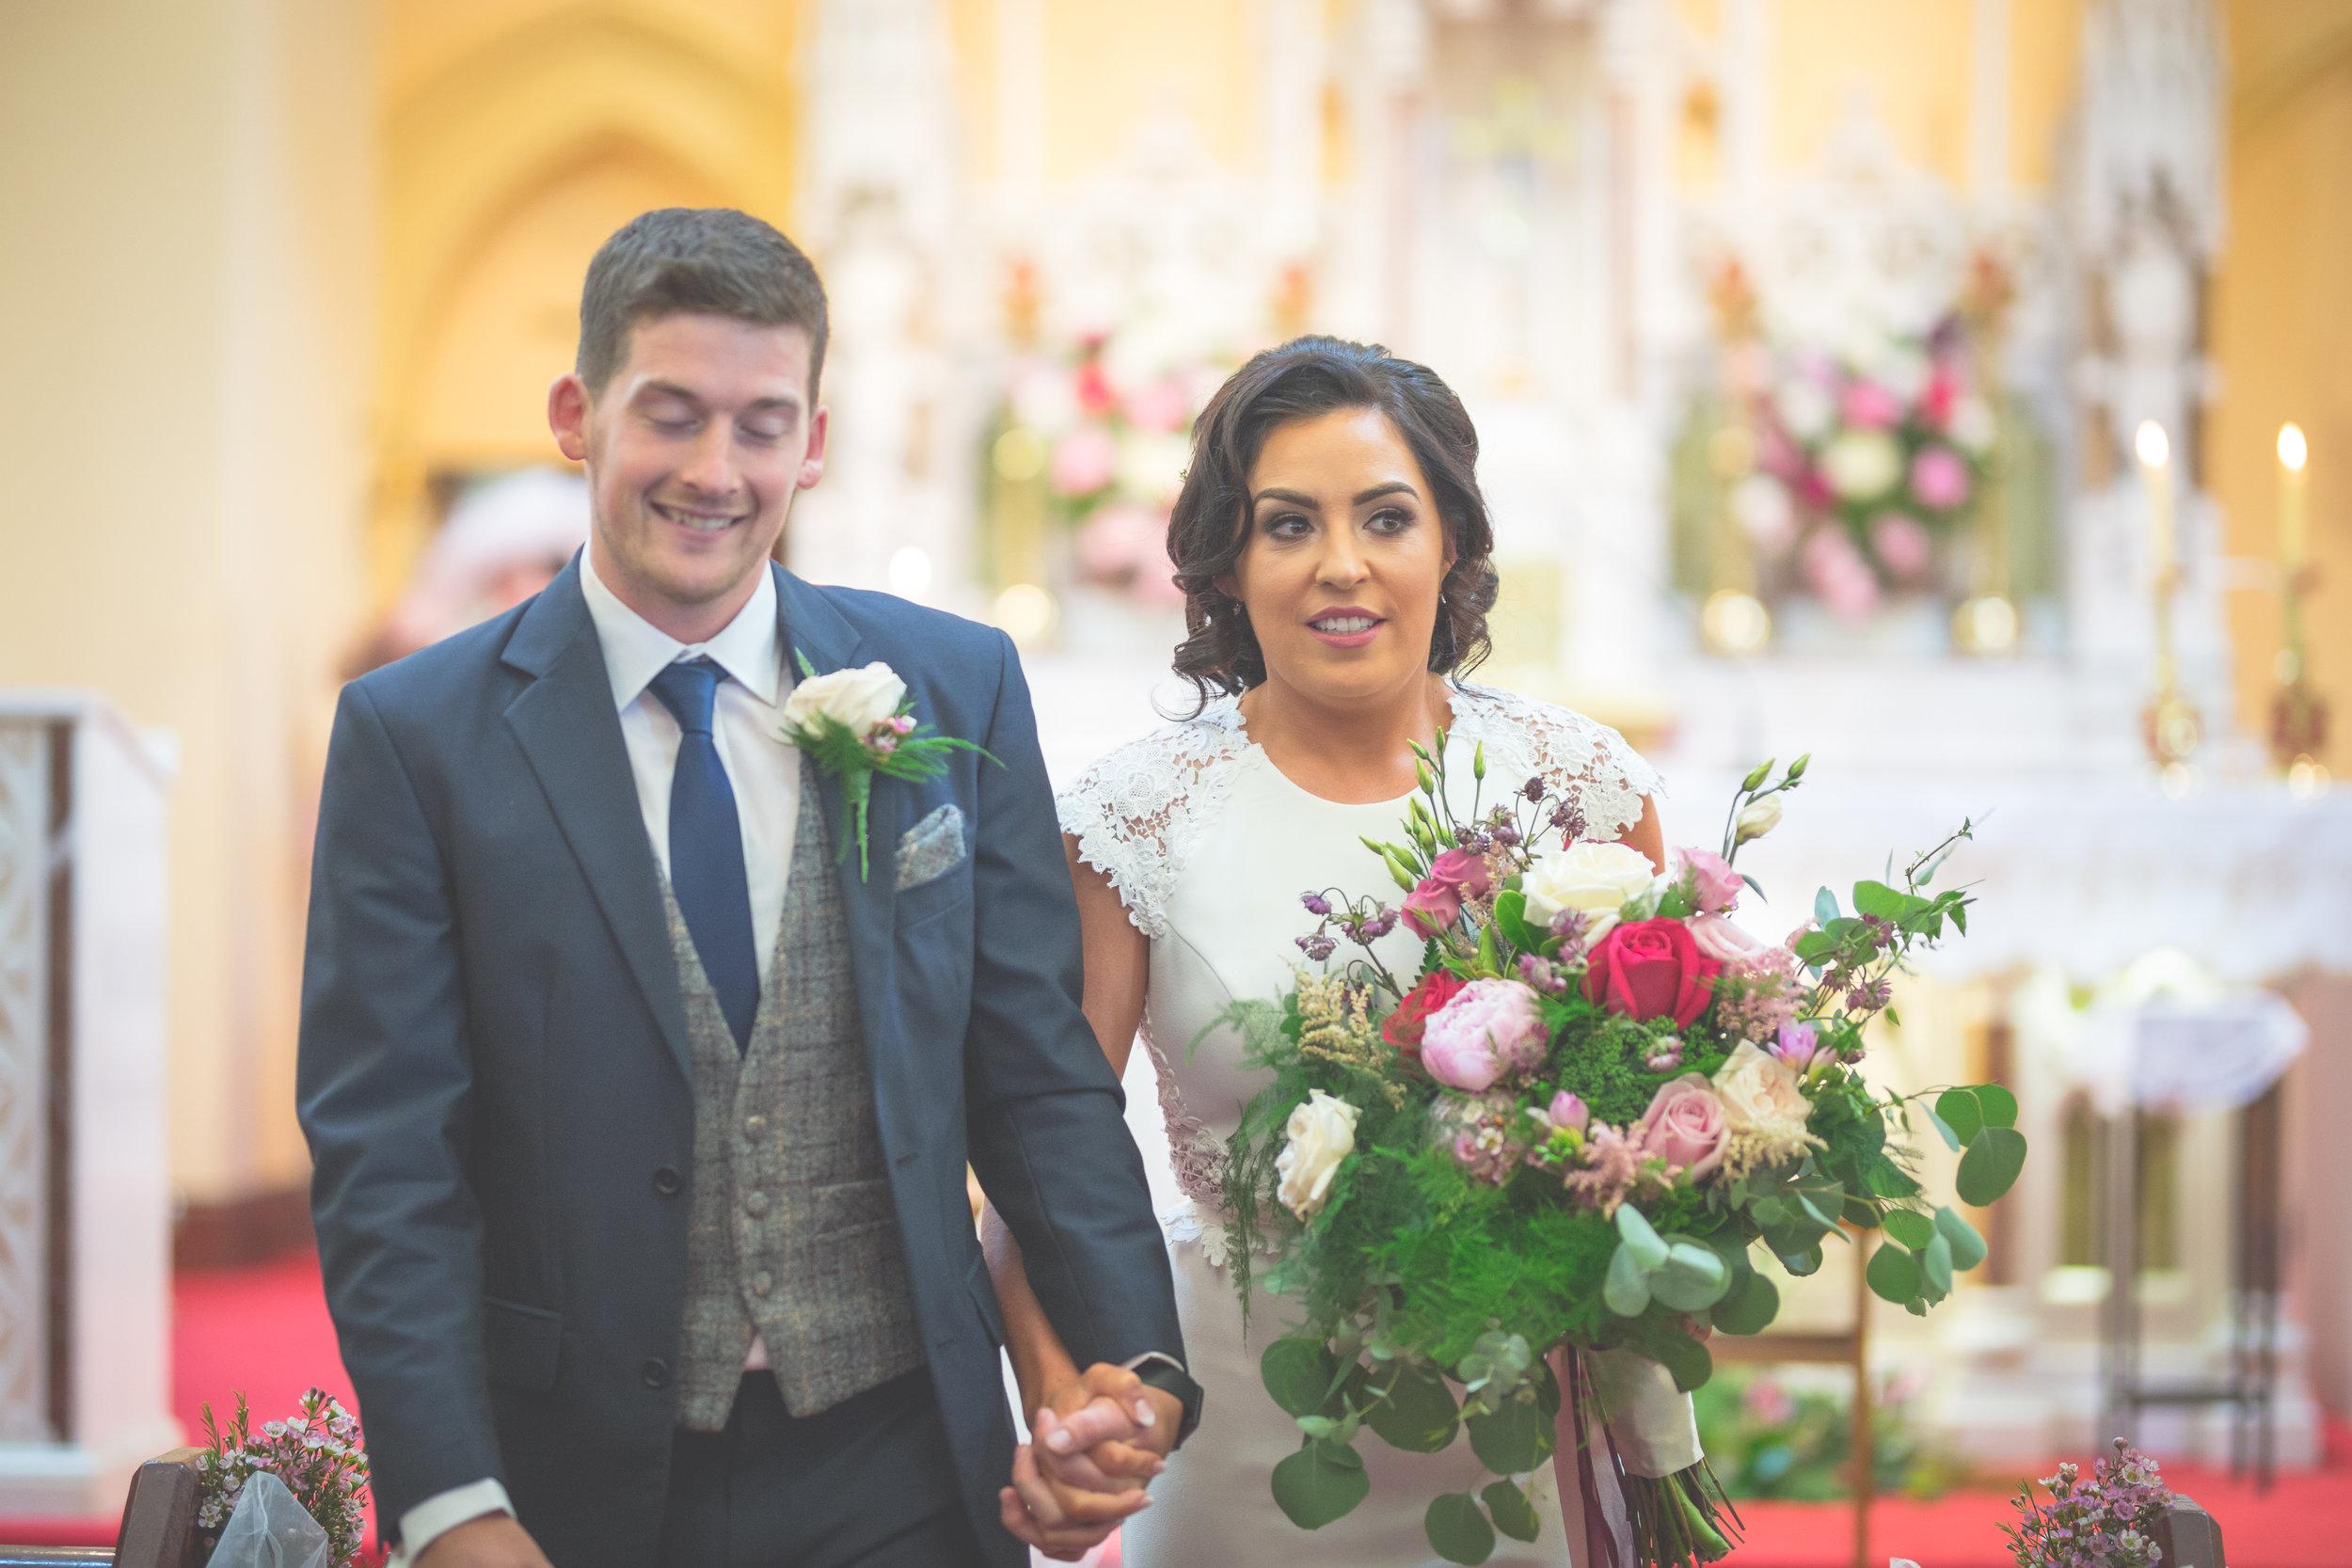 Brian McEwan Wedding Photography   Carol-Anne & Sean   The Ceremony-75.jpg